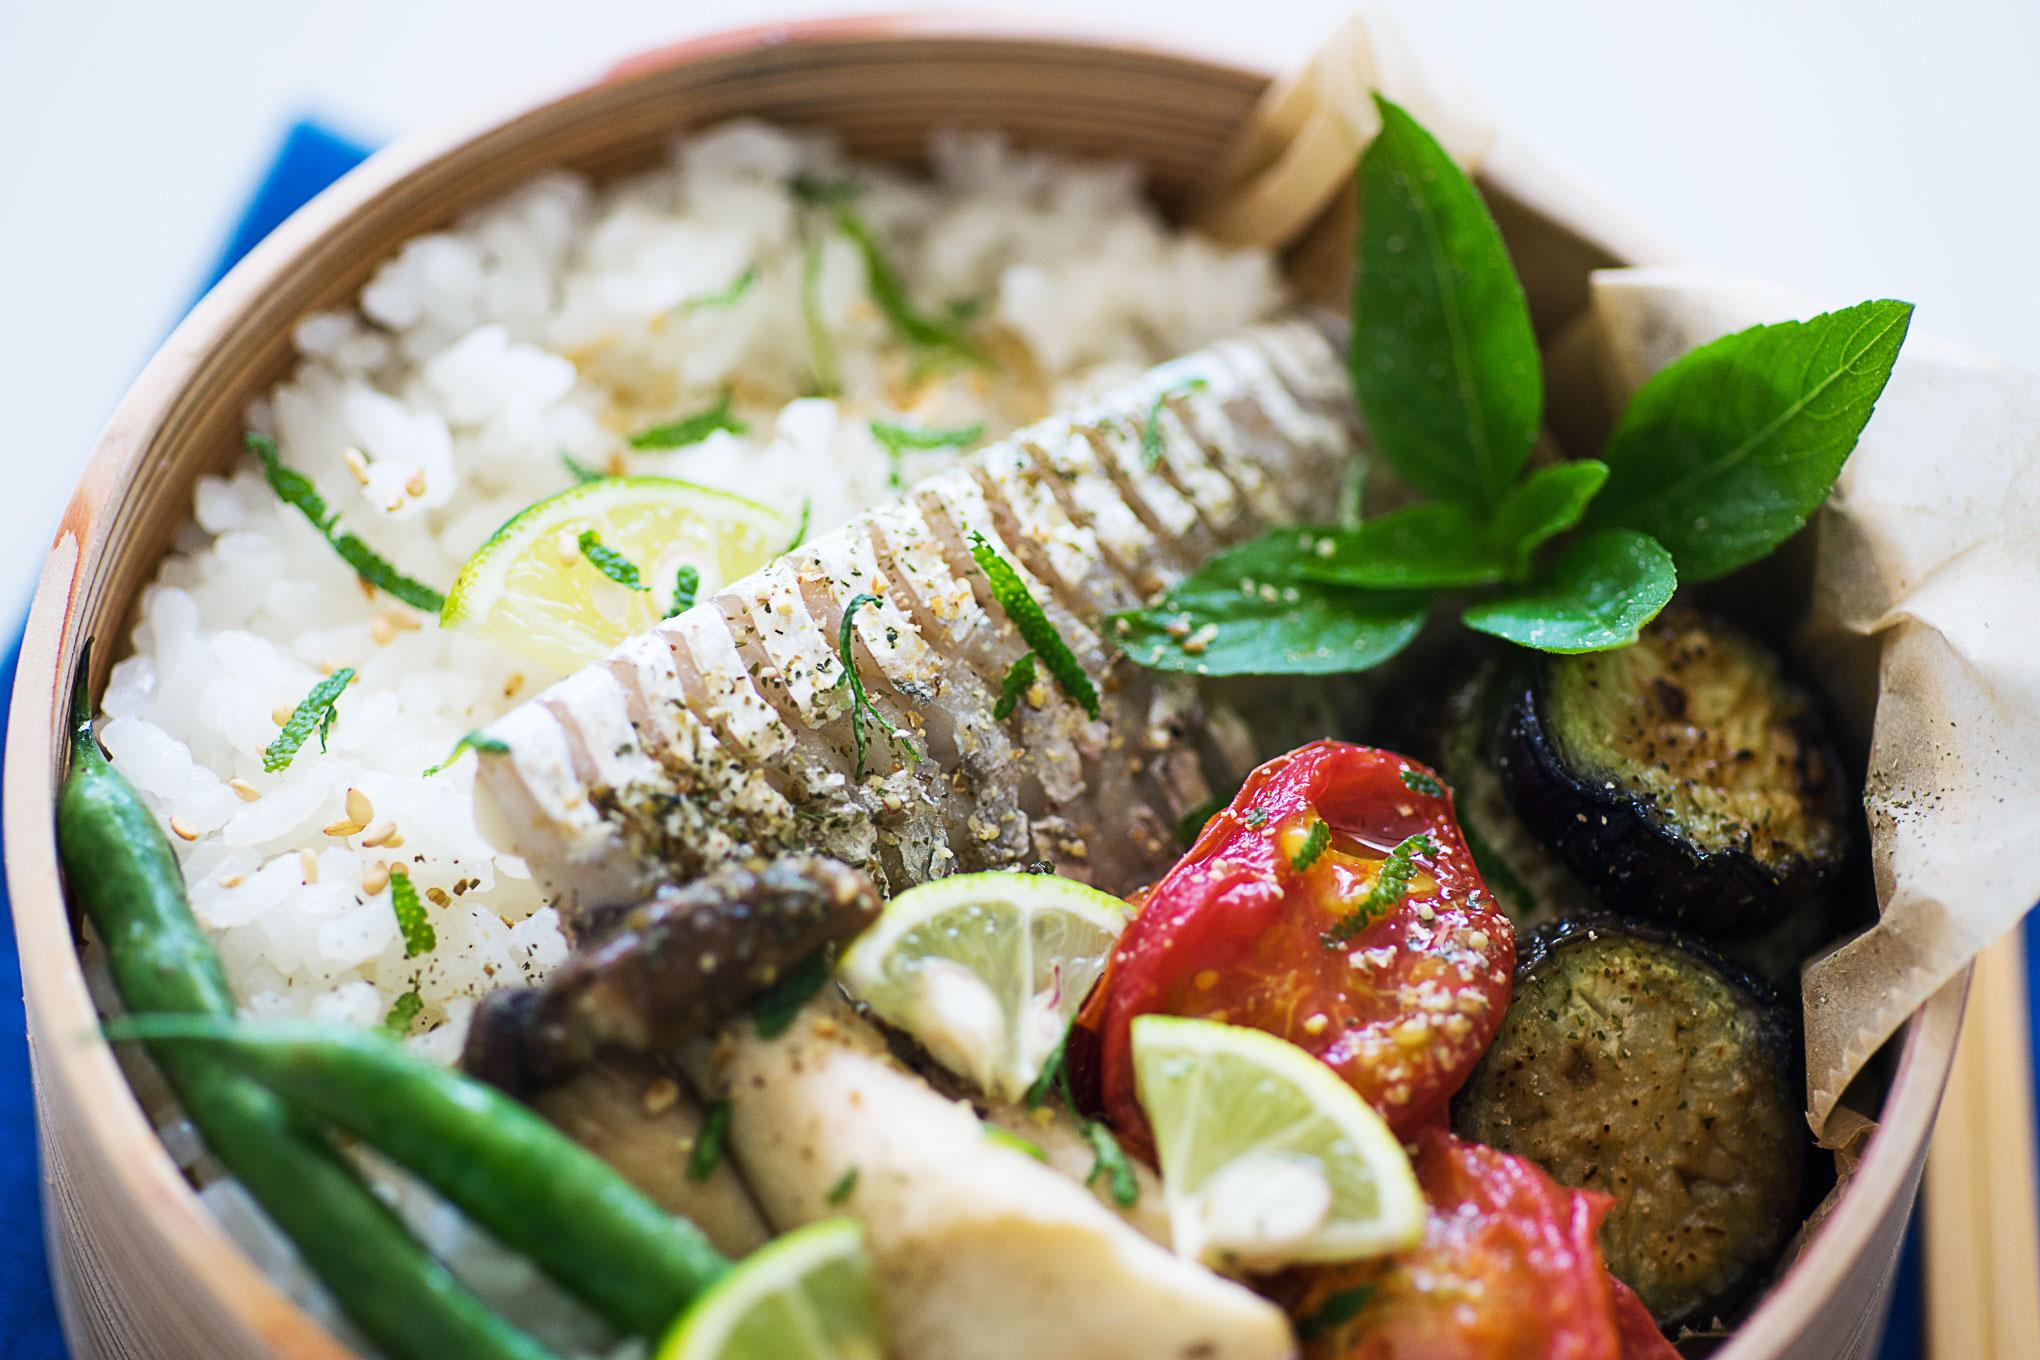 太刀魚は皮がはがれやすい・・焼く前の一工夫でちょっとカッコよくなります